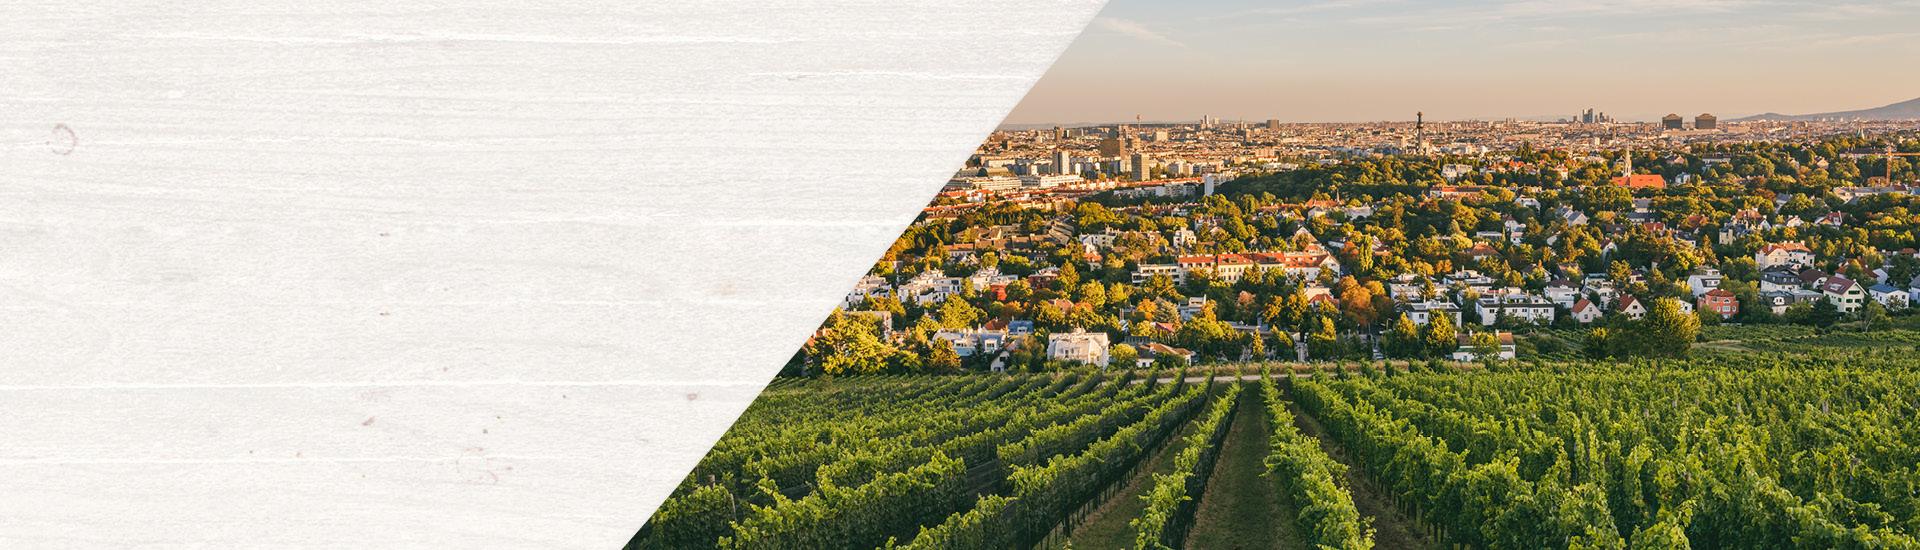 Weine - Vinorama on Tour: Wien und Wein 08/2019 - Slider